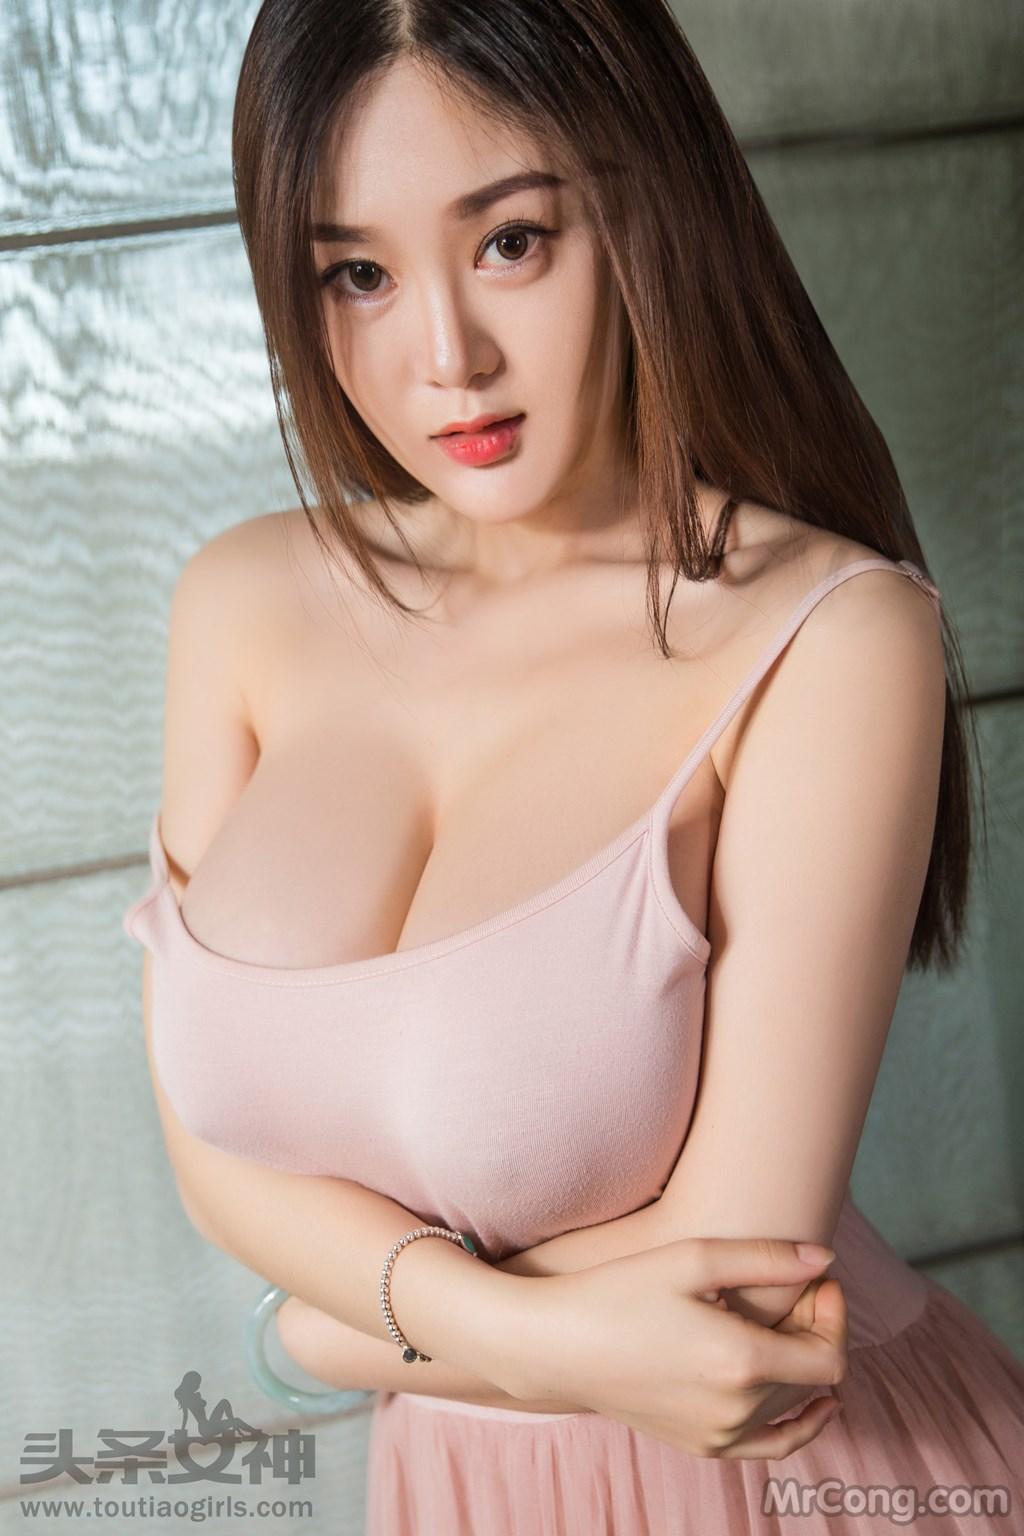 Image TouTiao-2017-05-08-Yi-Yang-MrCong.com-021 in post TouTiao 2017-05-08: Người mẫu Yi Yang (易阳) (30 ảnh)